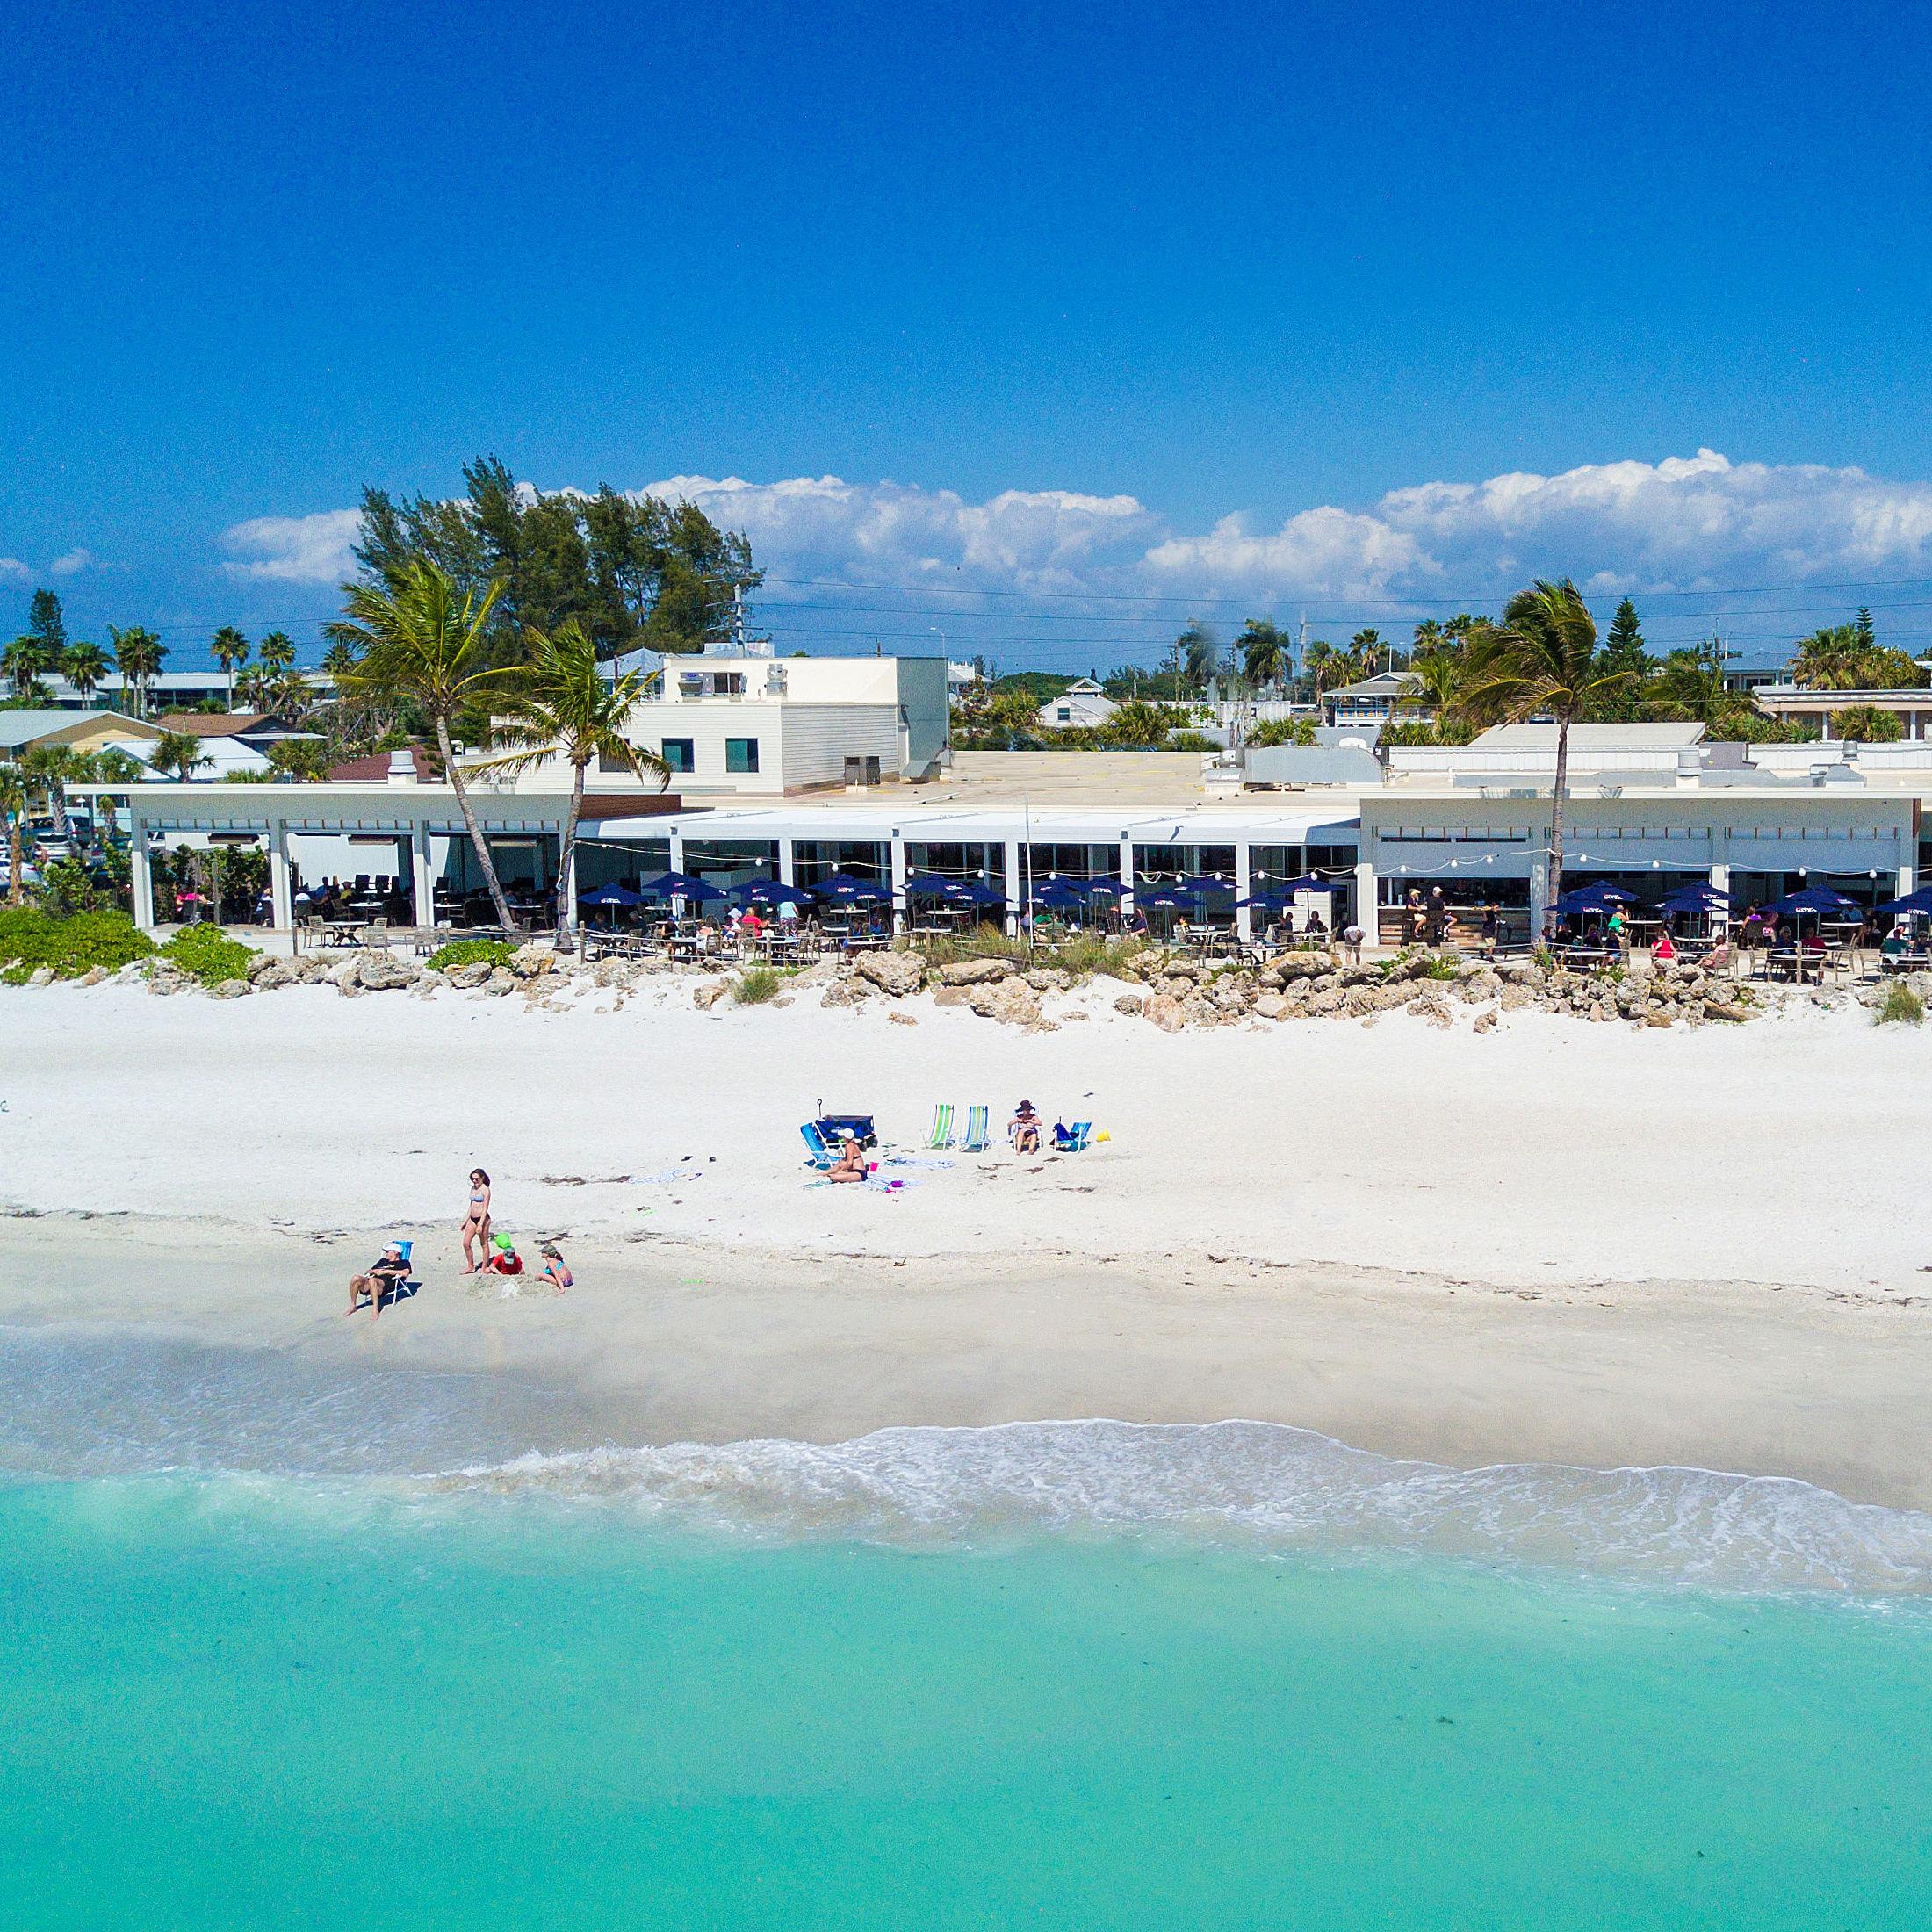 Beach house wwsb1y